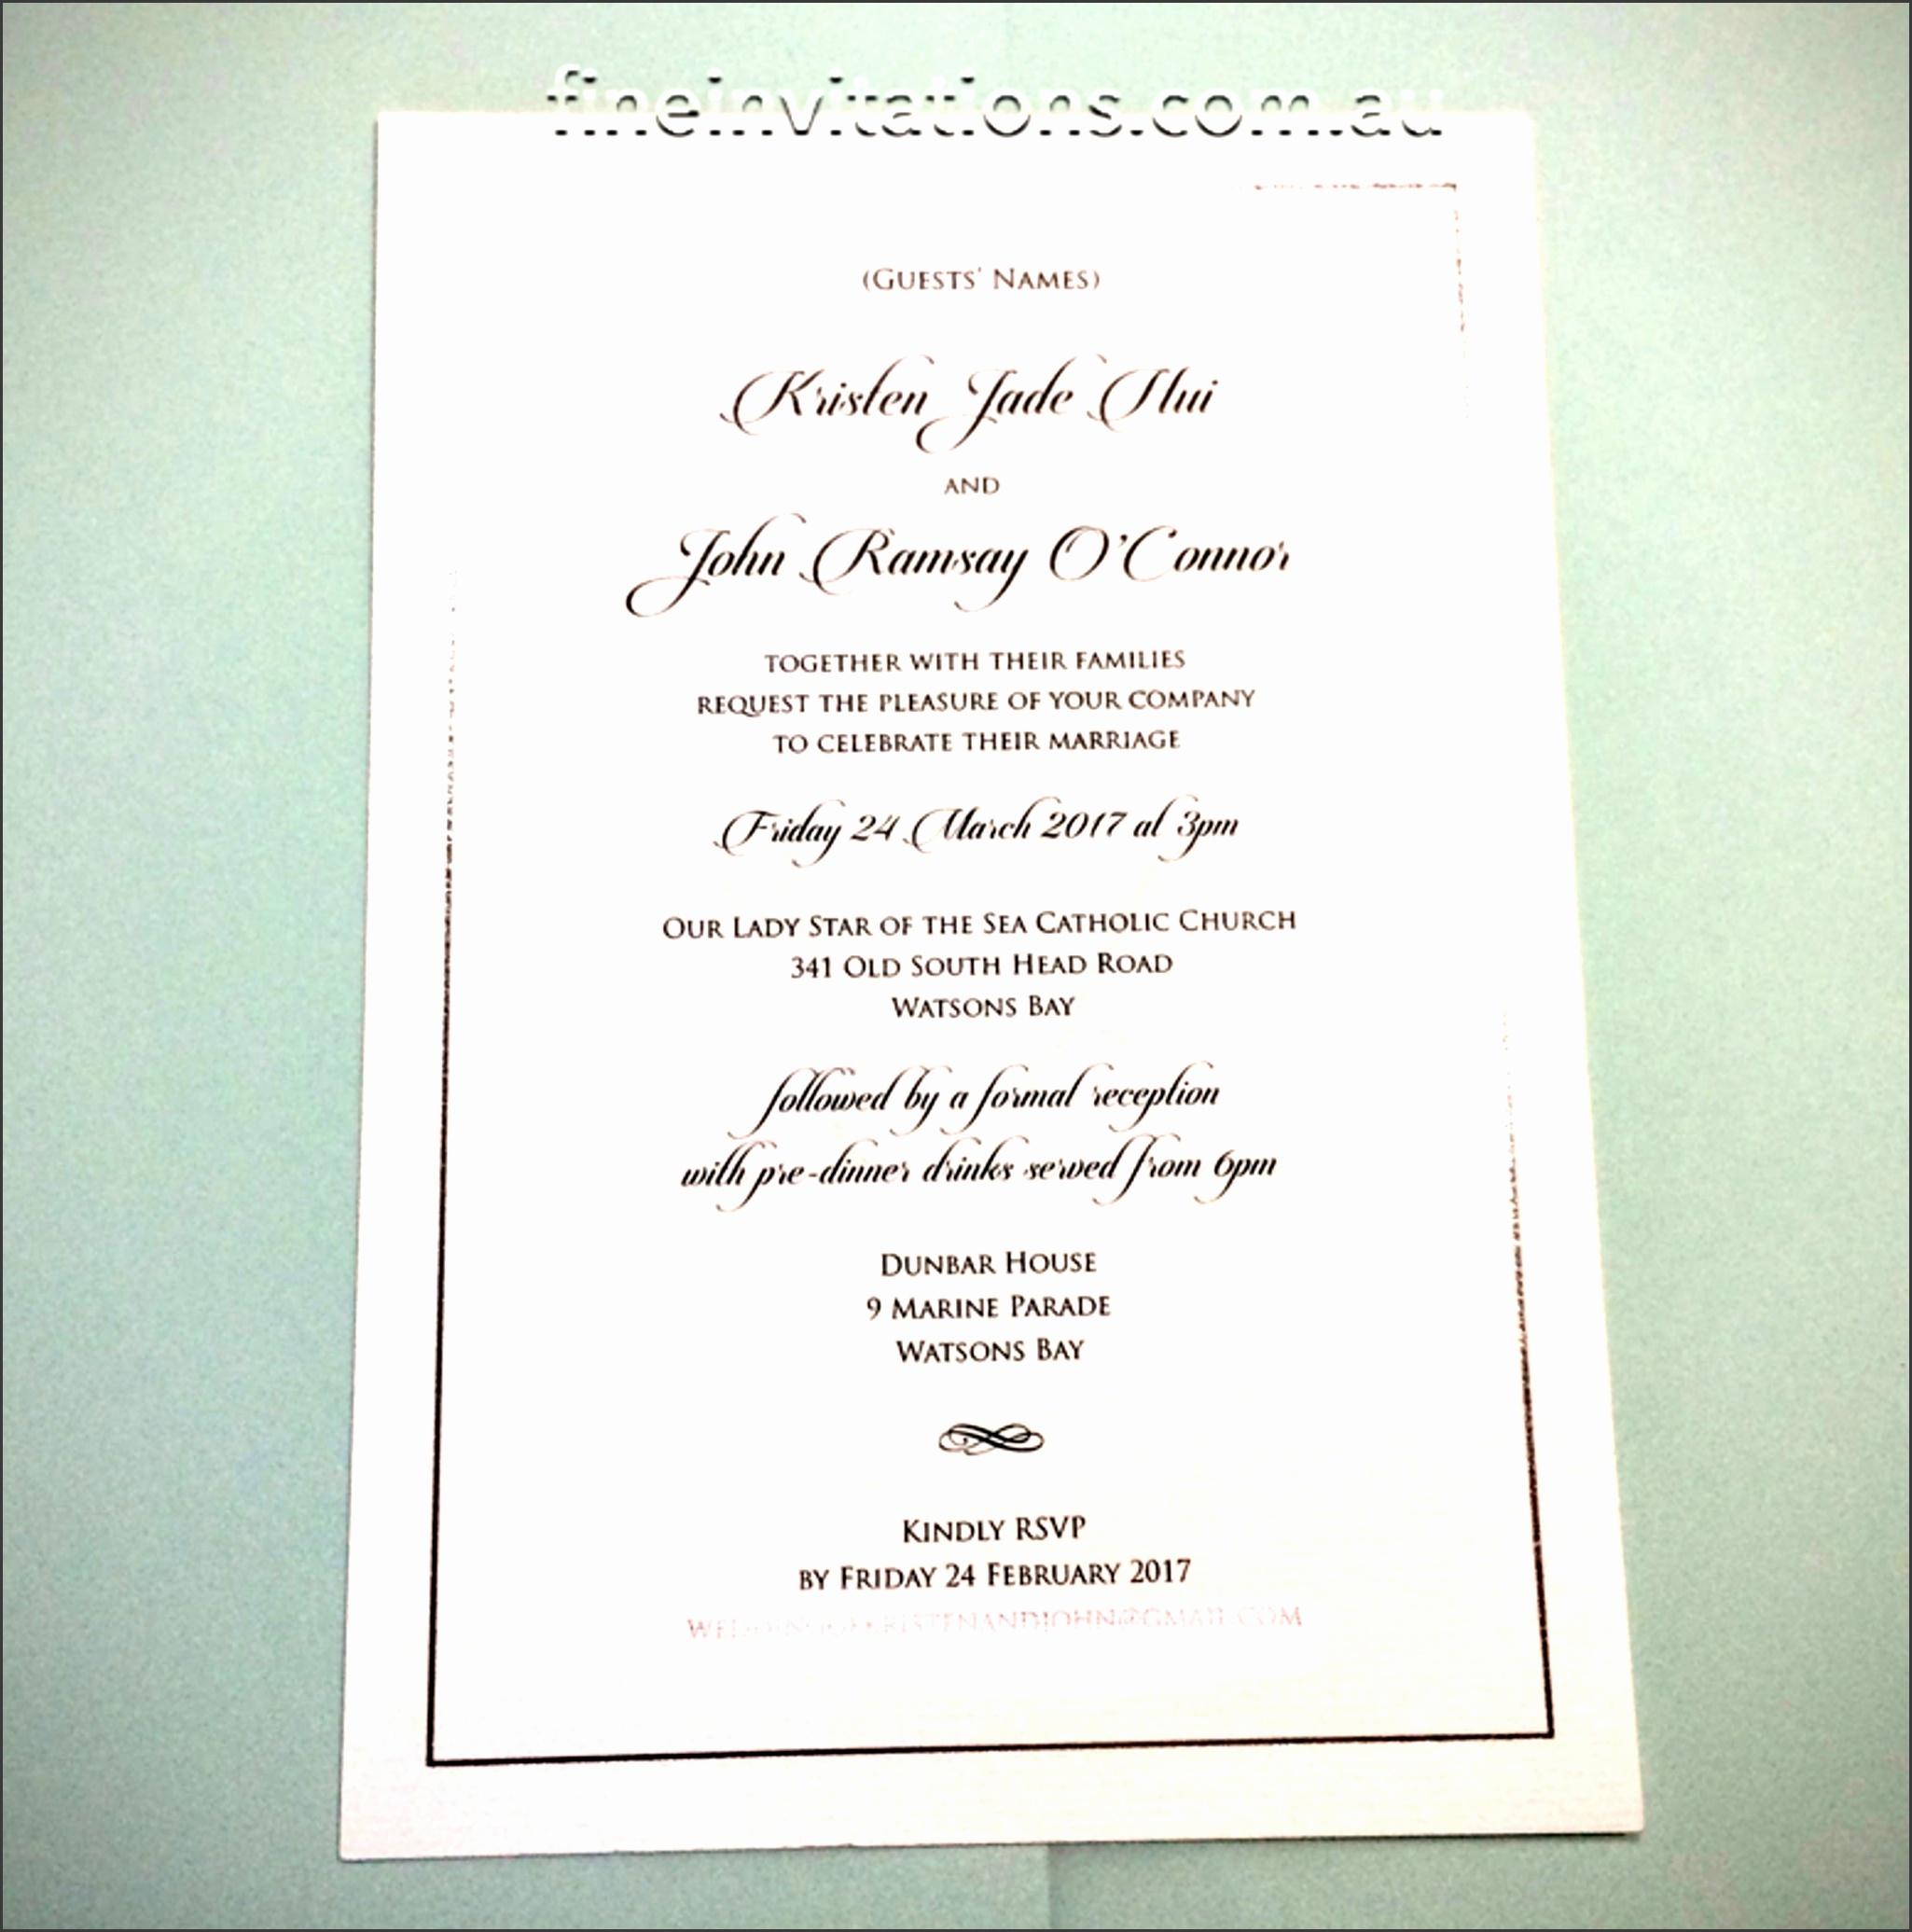 Formal A5 wedding invitation Sydney silver foil elegant watermark